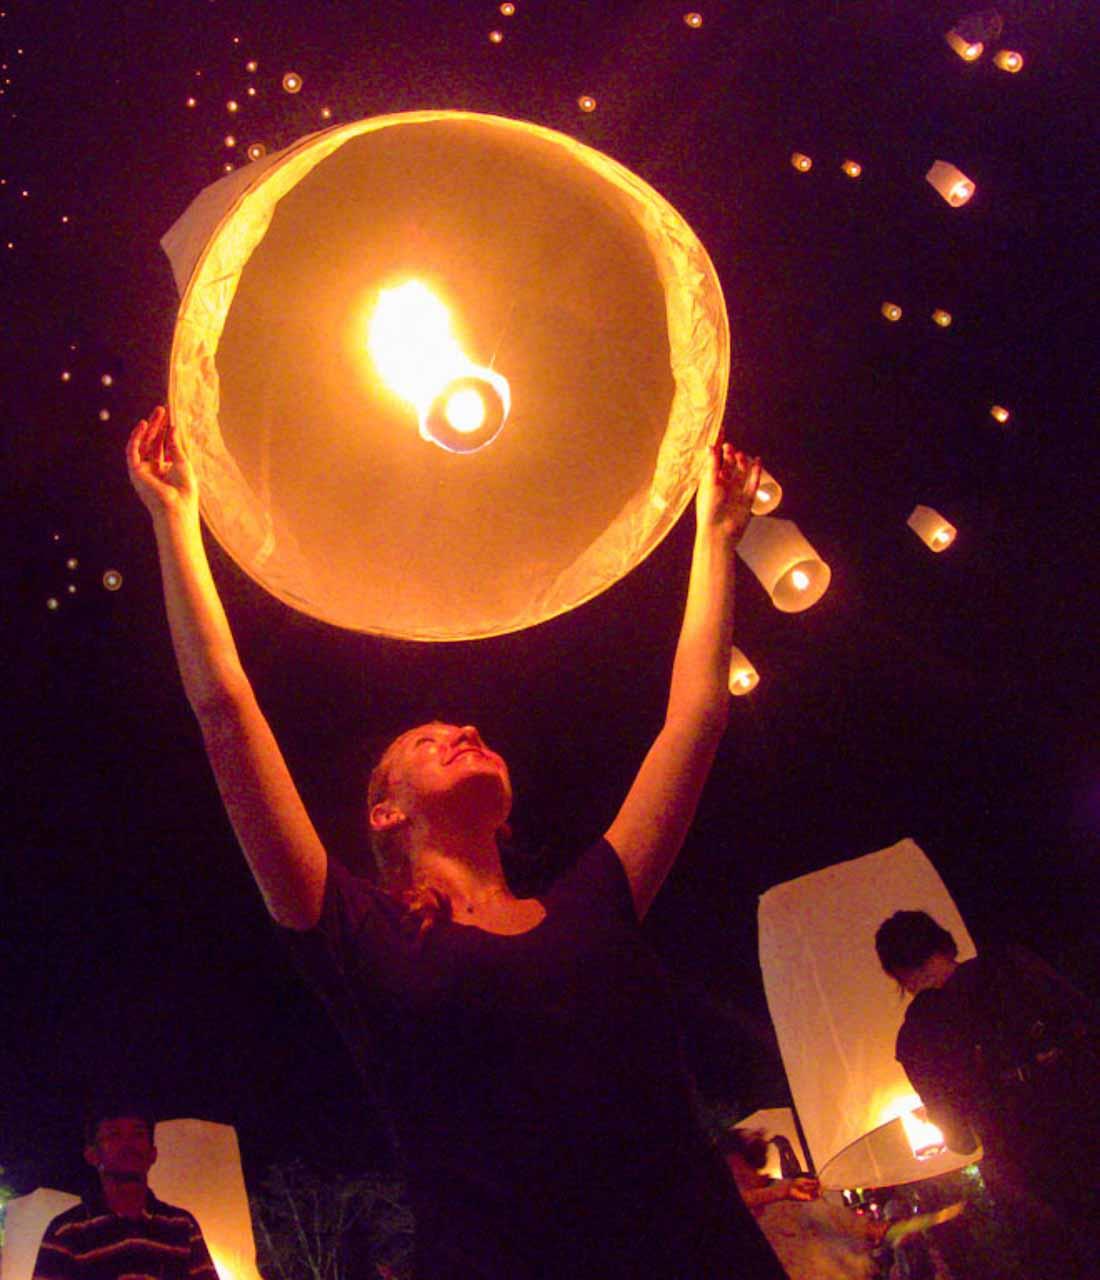 Ingresso Festival das Lanternas Tailândia 2021 Chiang Mai - CAD Khmloy Sky Lanterns Festival 2021